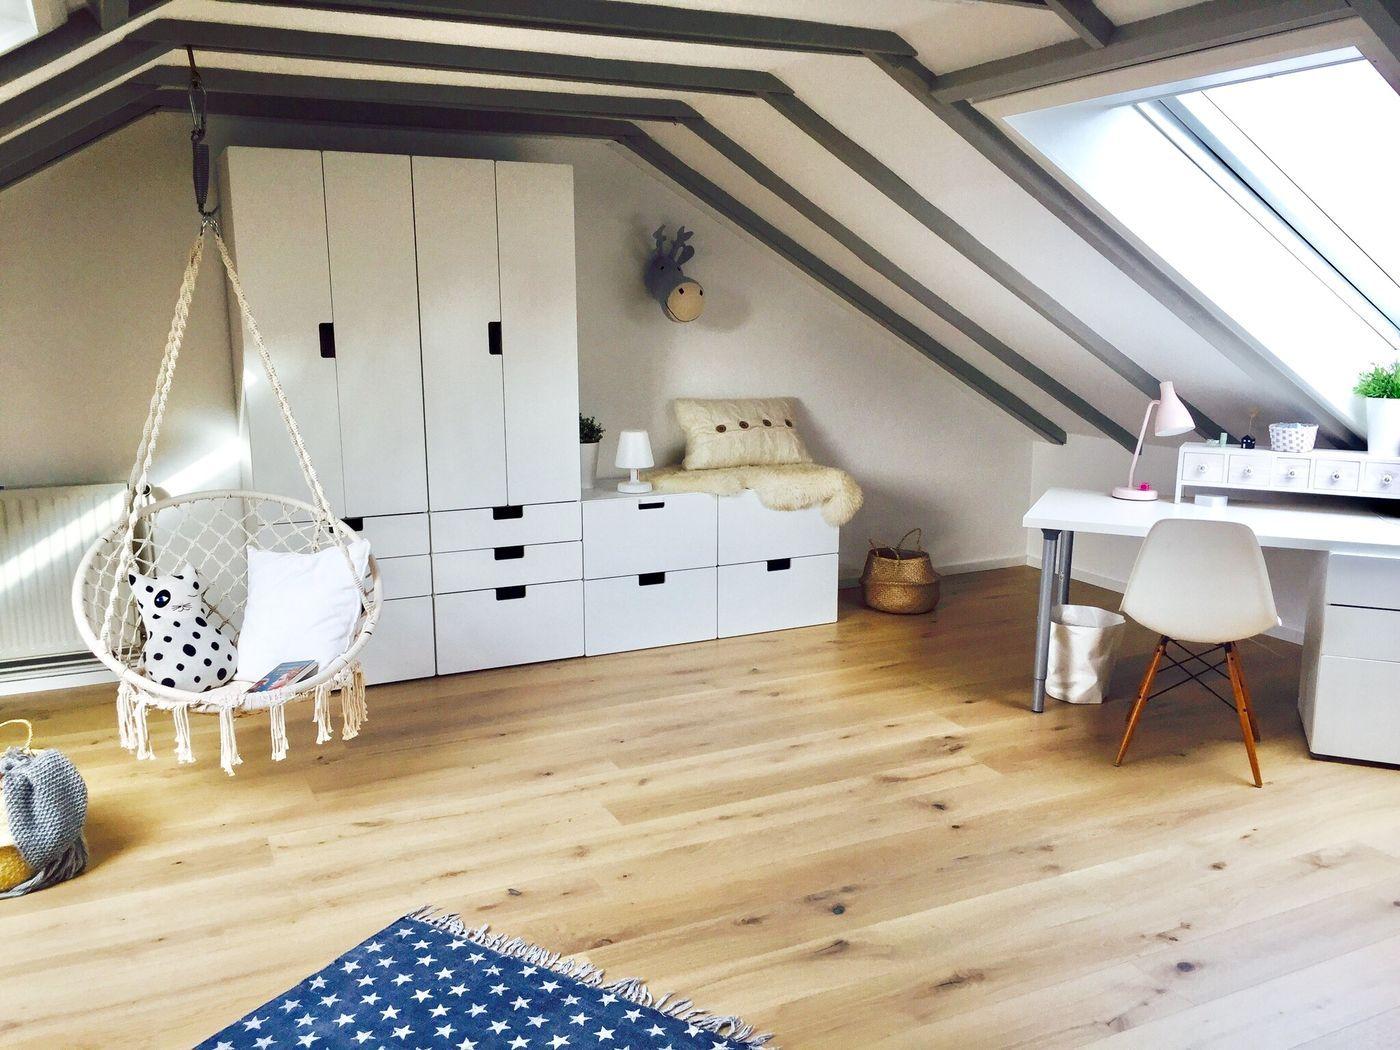 ideen f r das ikea stuva kinderzimmer einrichtungssystem seite 2. Black Bedroom Furniture Sets. Home Design Ideas